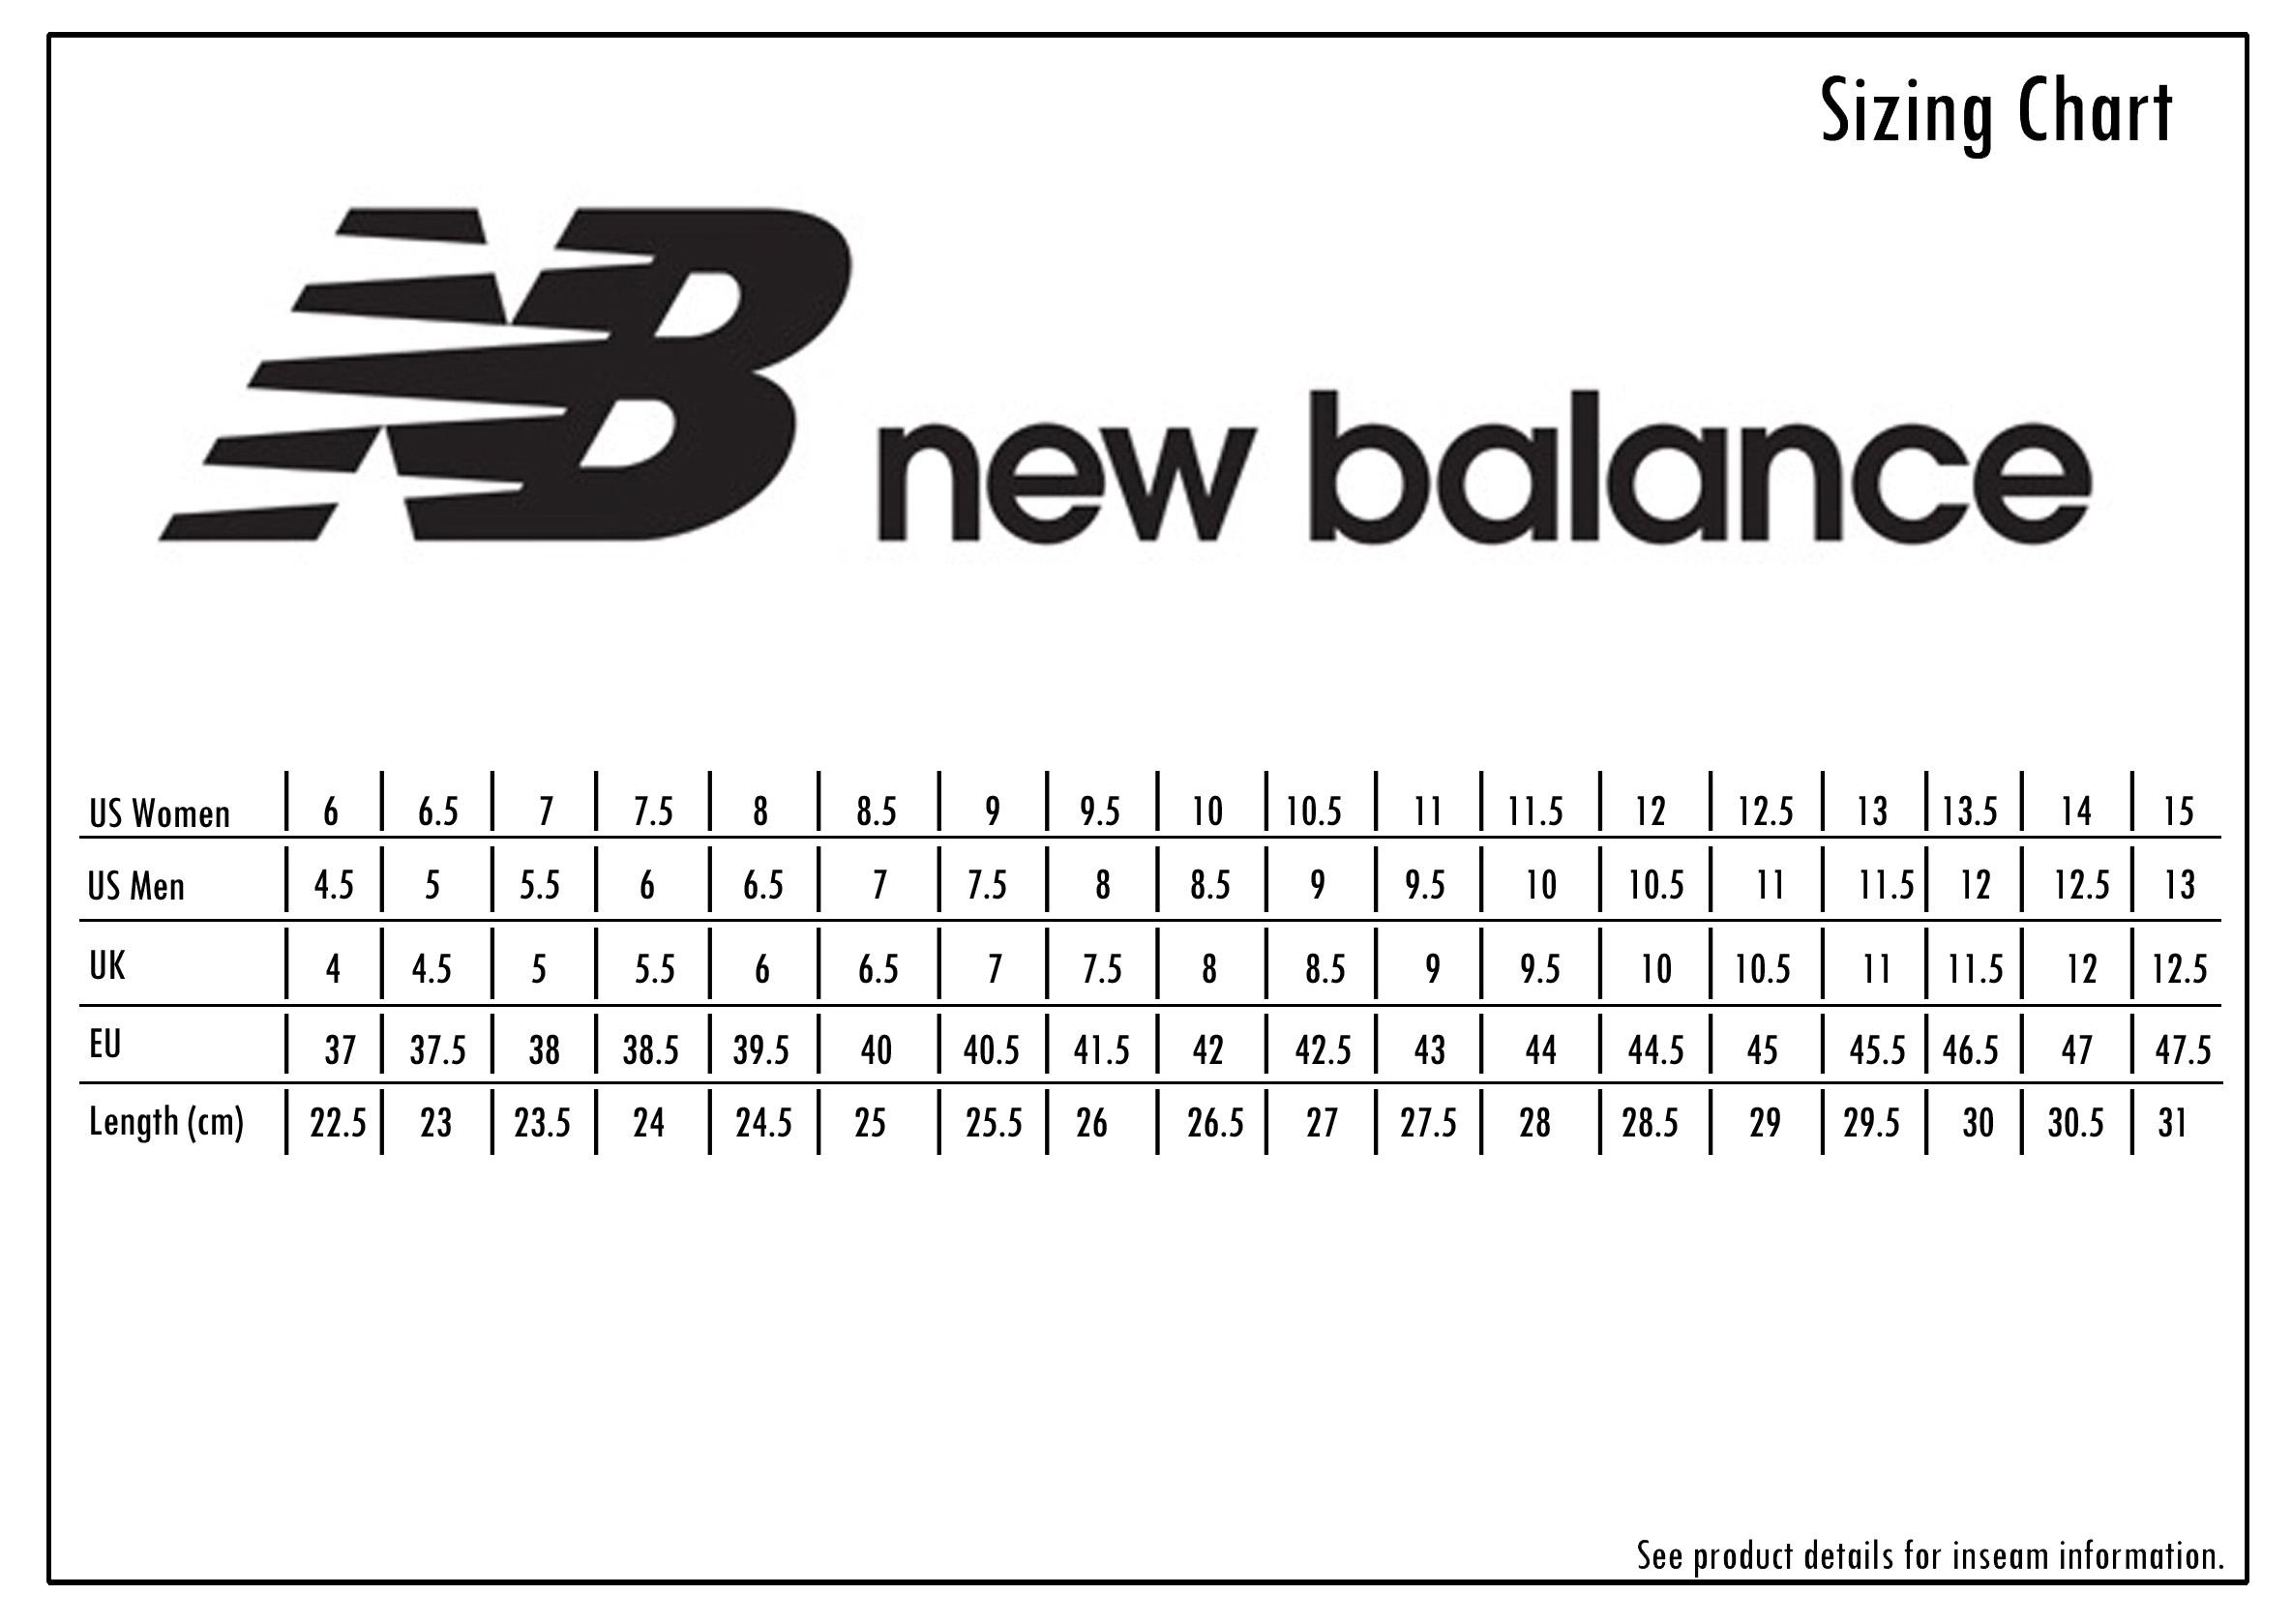 new balance size chart women's Limit